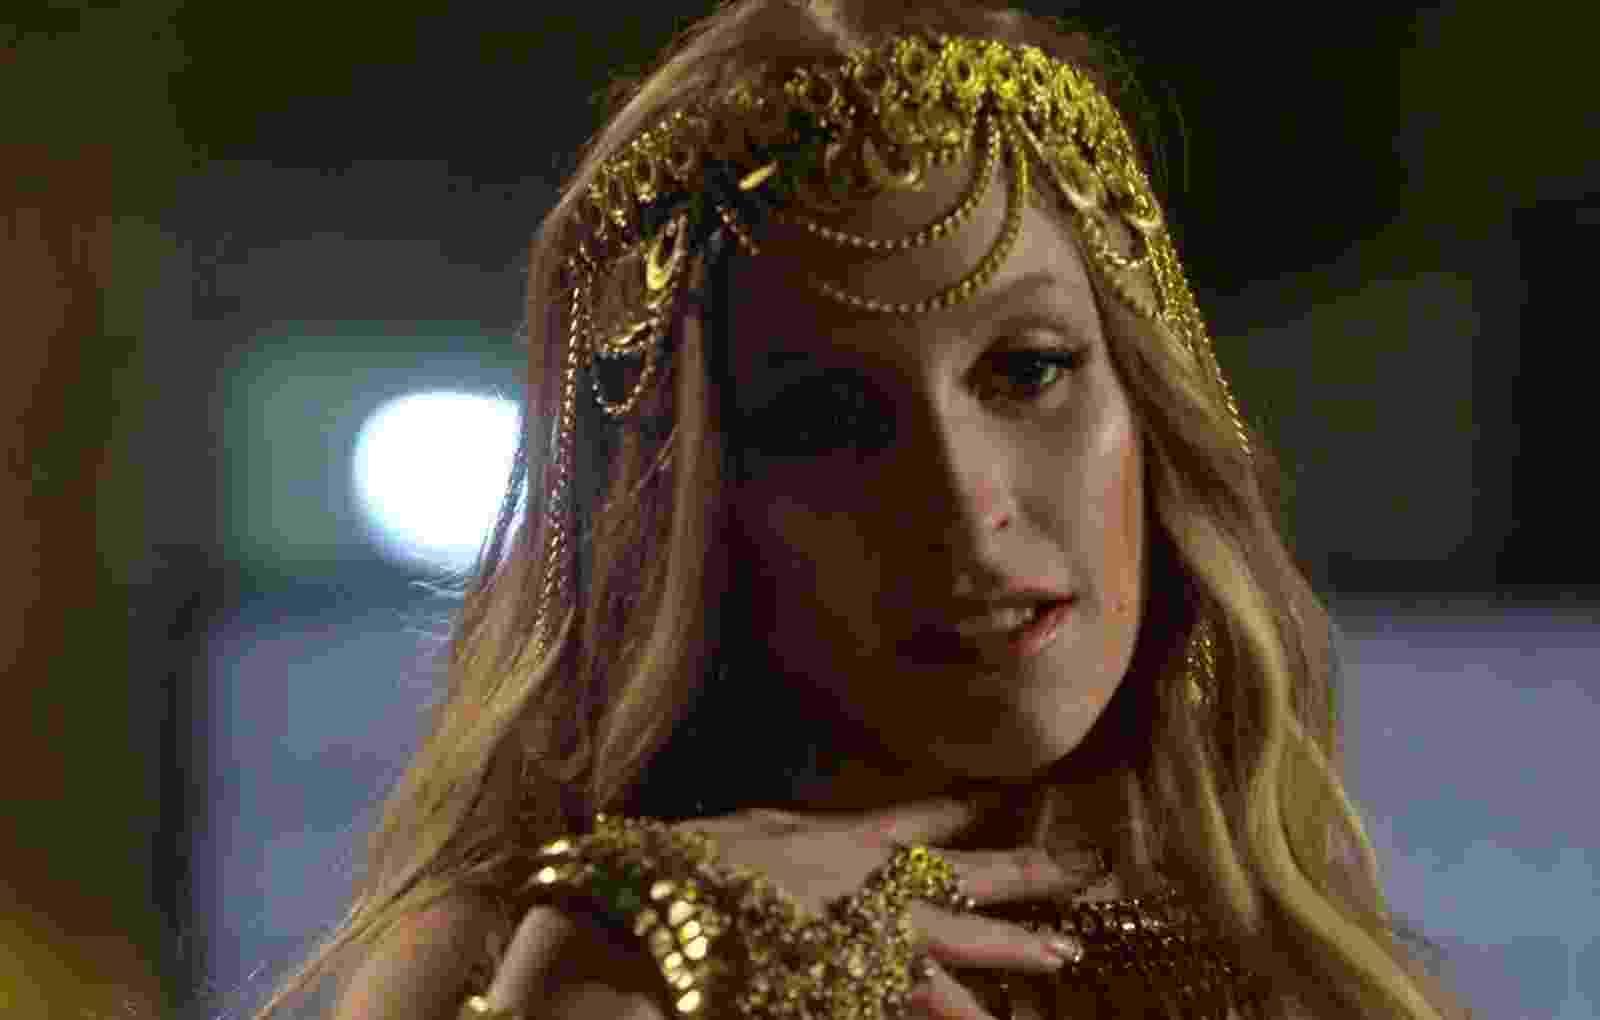 Nova dona do posto de baronesa do pó, Carine (Carla Diaz) seduz Rubinho (Emilio Dantas) muita sensualidade. Ela mostra suas habilidades de dança do ventre para Rubinho, que mais parece um verdadeiro sheik árabe - Reprodução/A Força do Querer/GShow